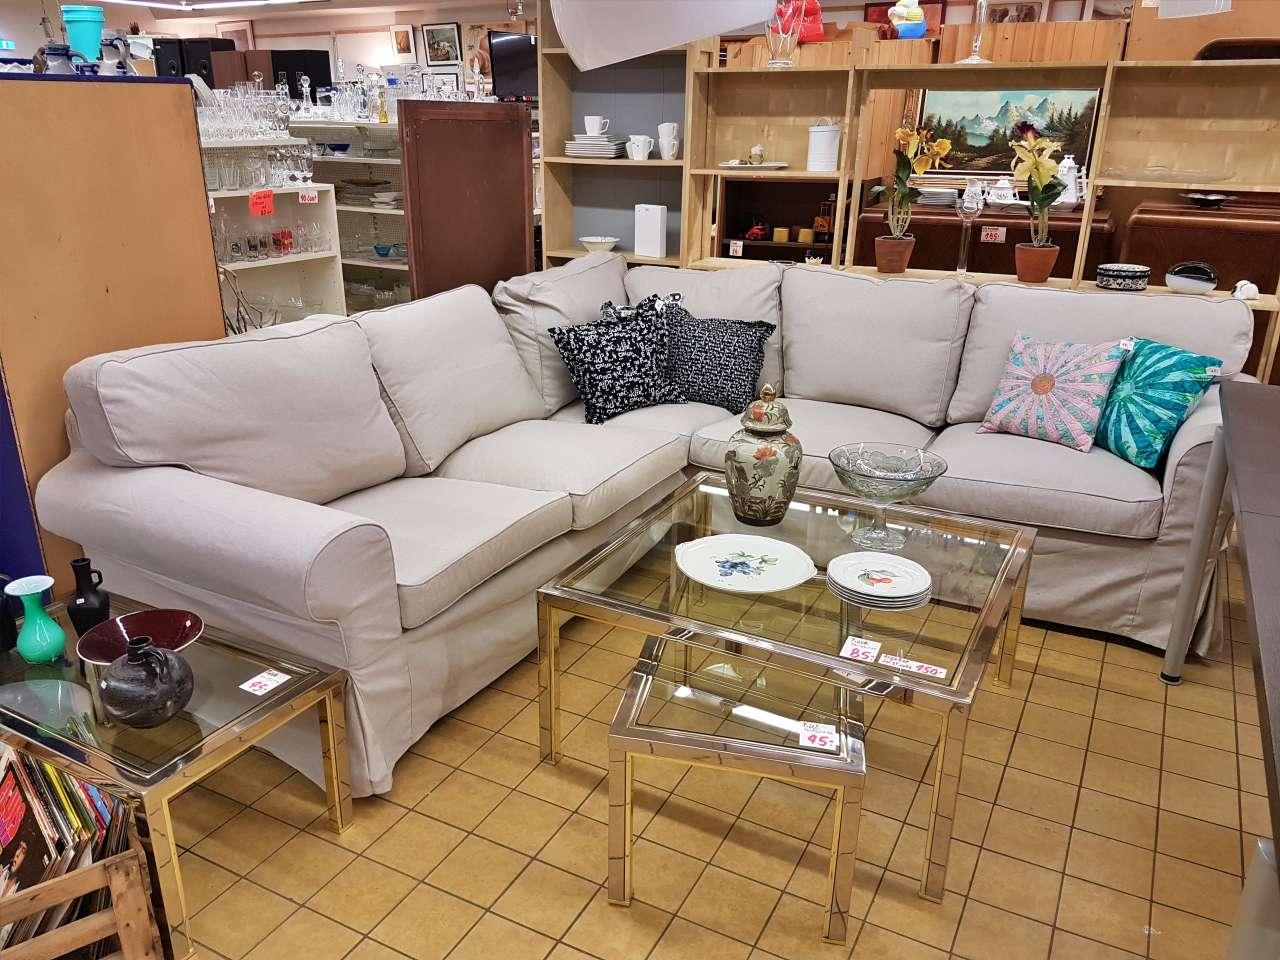 Ecksofa Eckcouch IKEA Ektorp beige Stoff